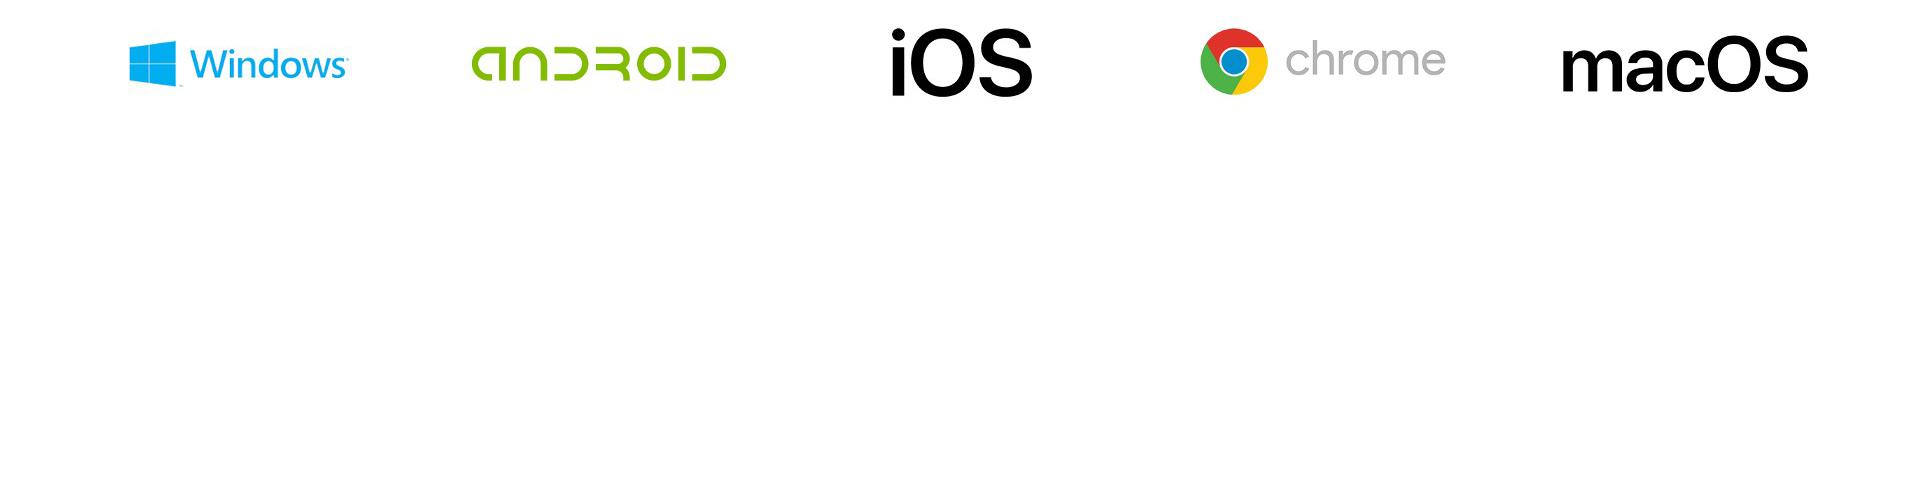 platforms-mobile-logos.jpg